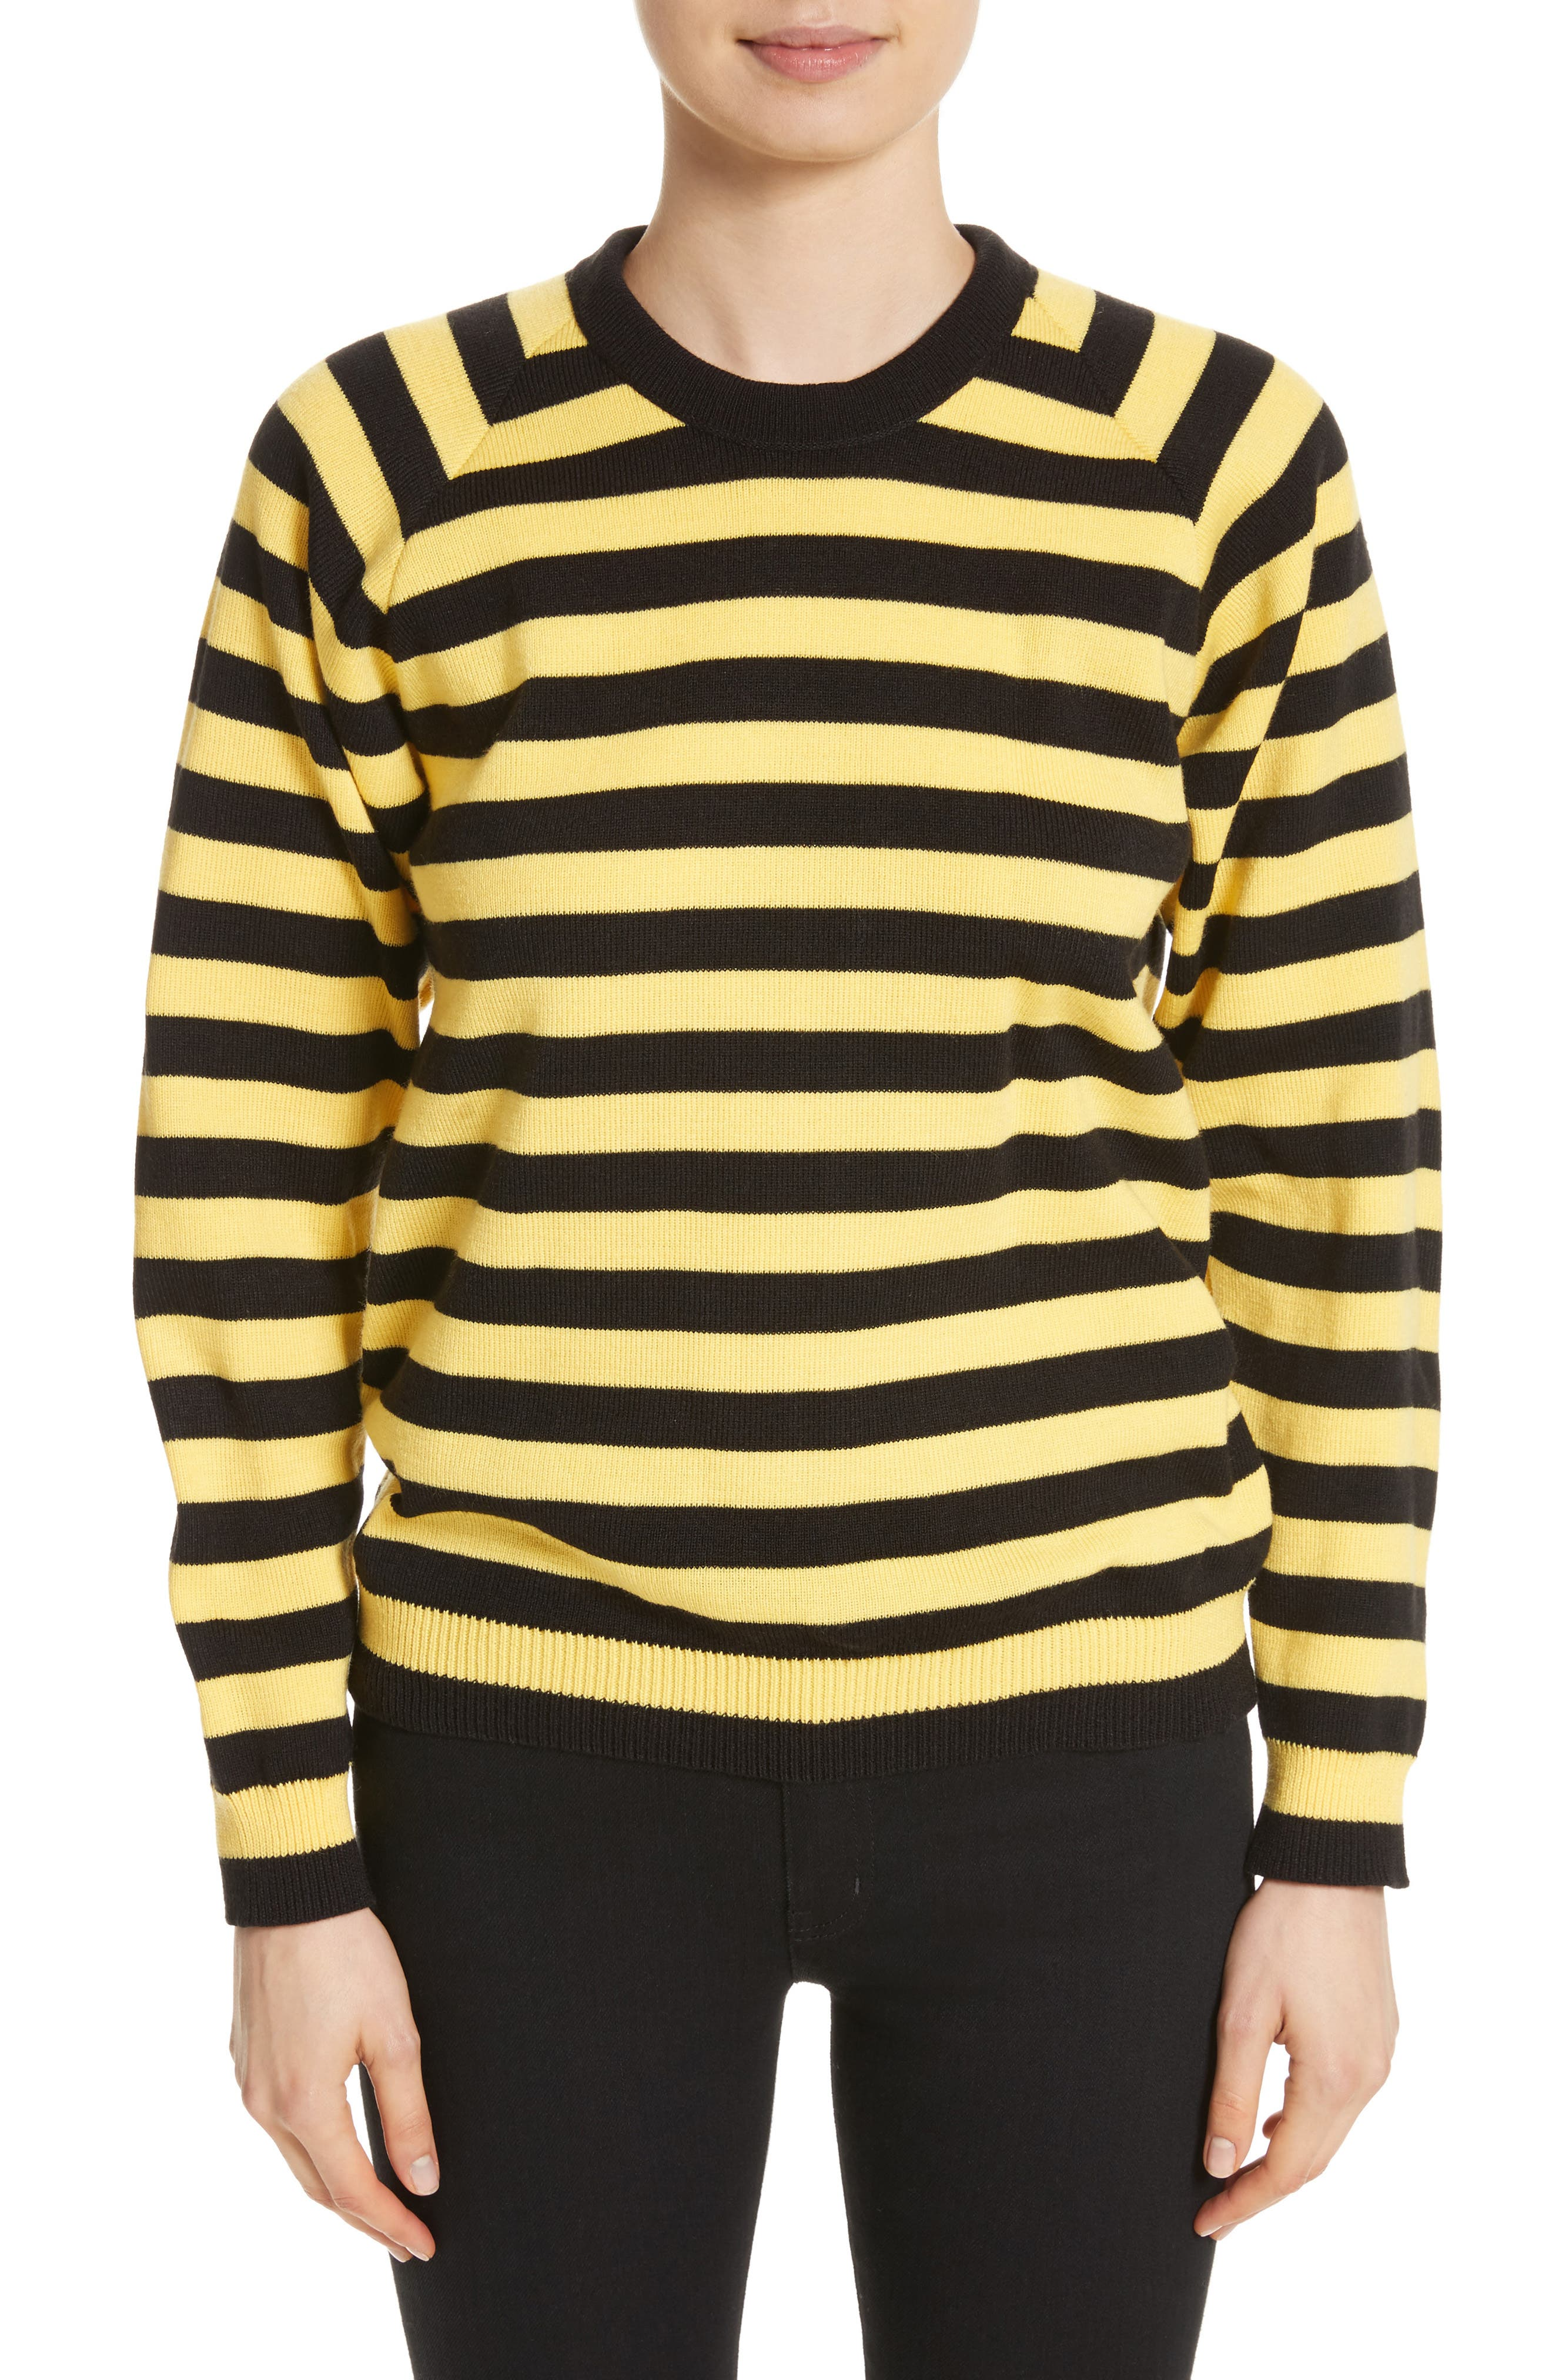 Molly Goddard Bumblebee Stripe Sweater